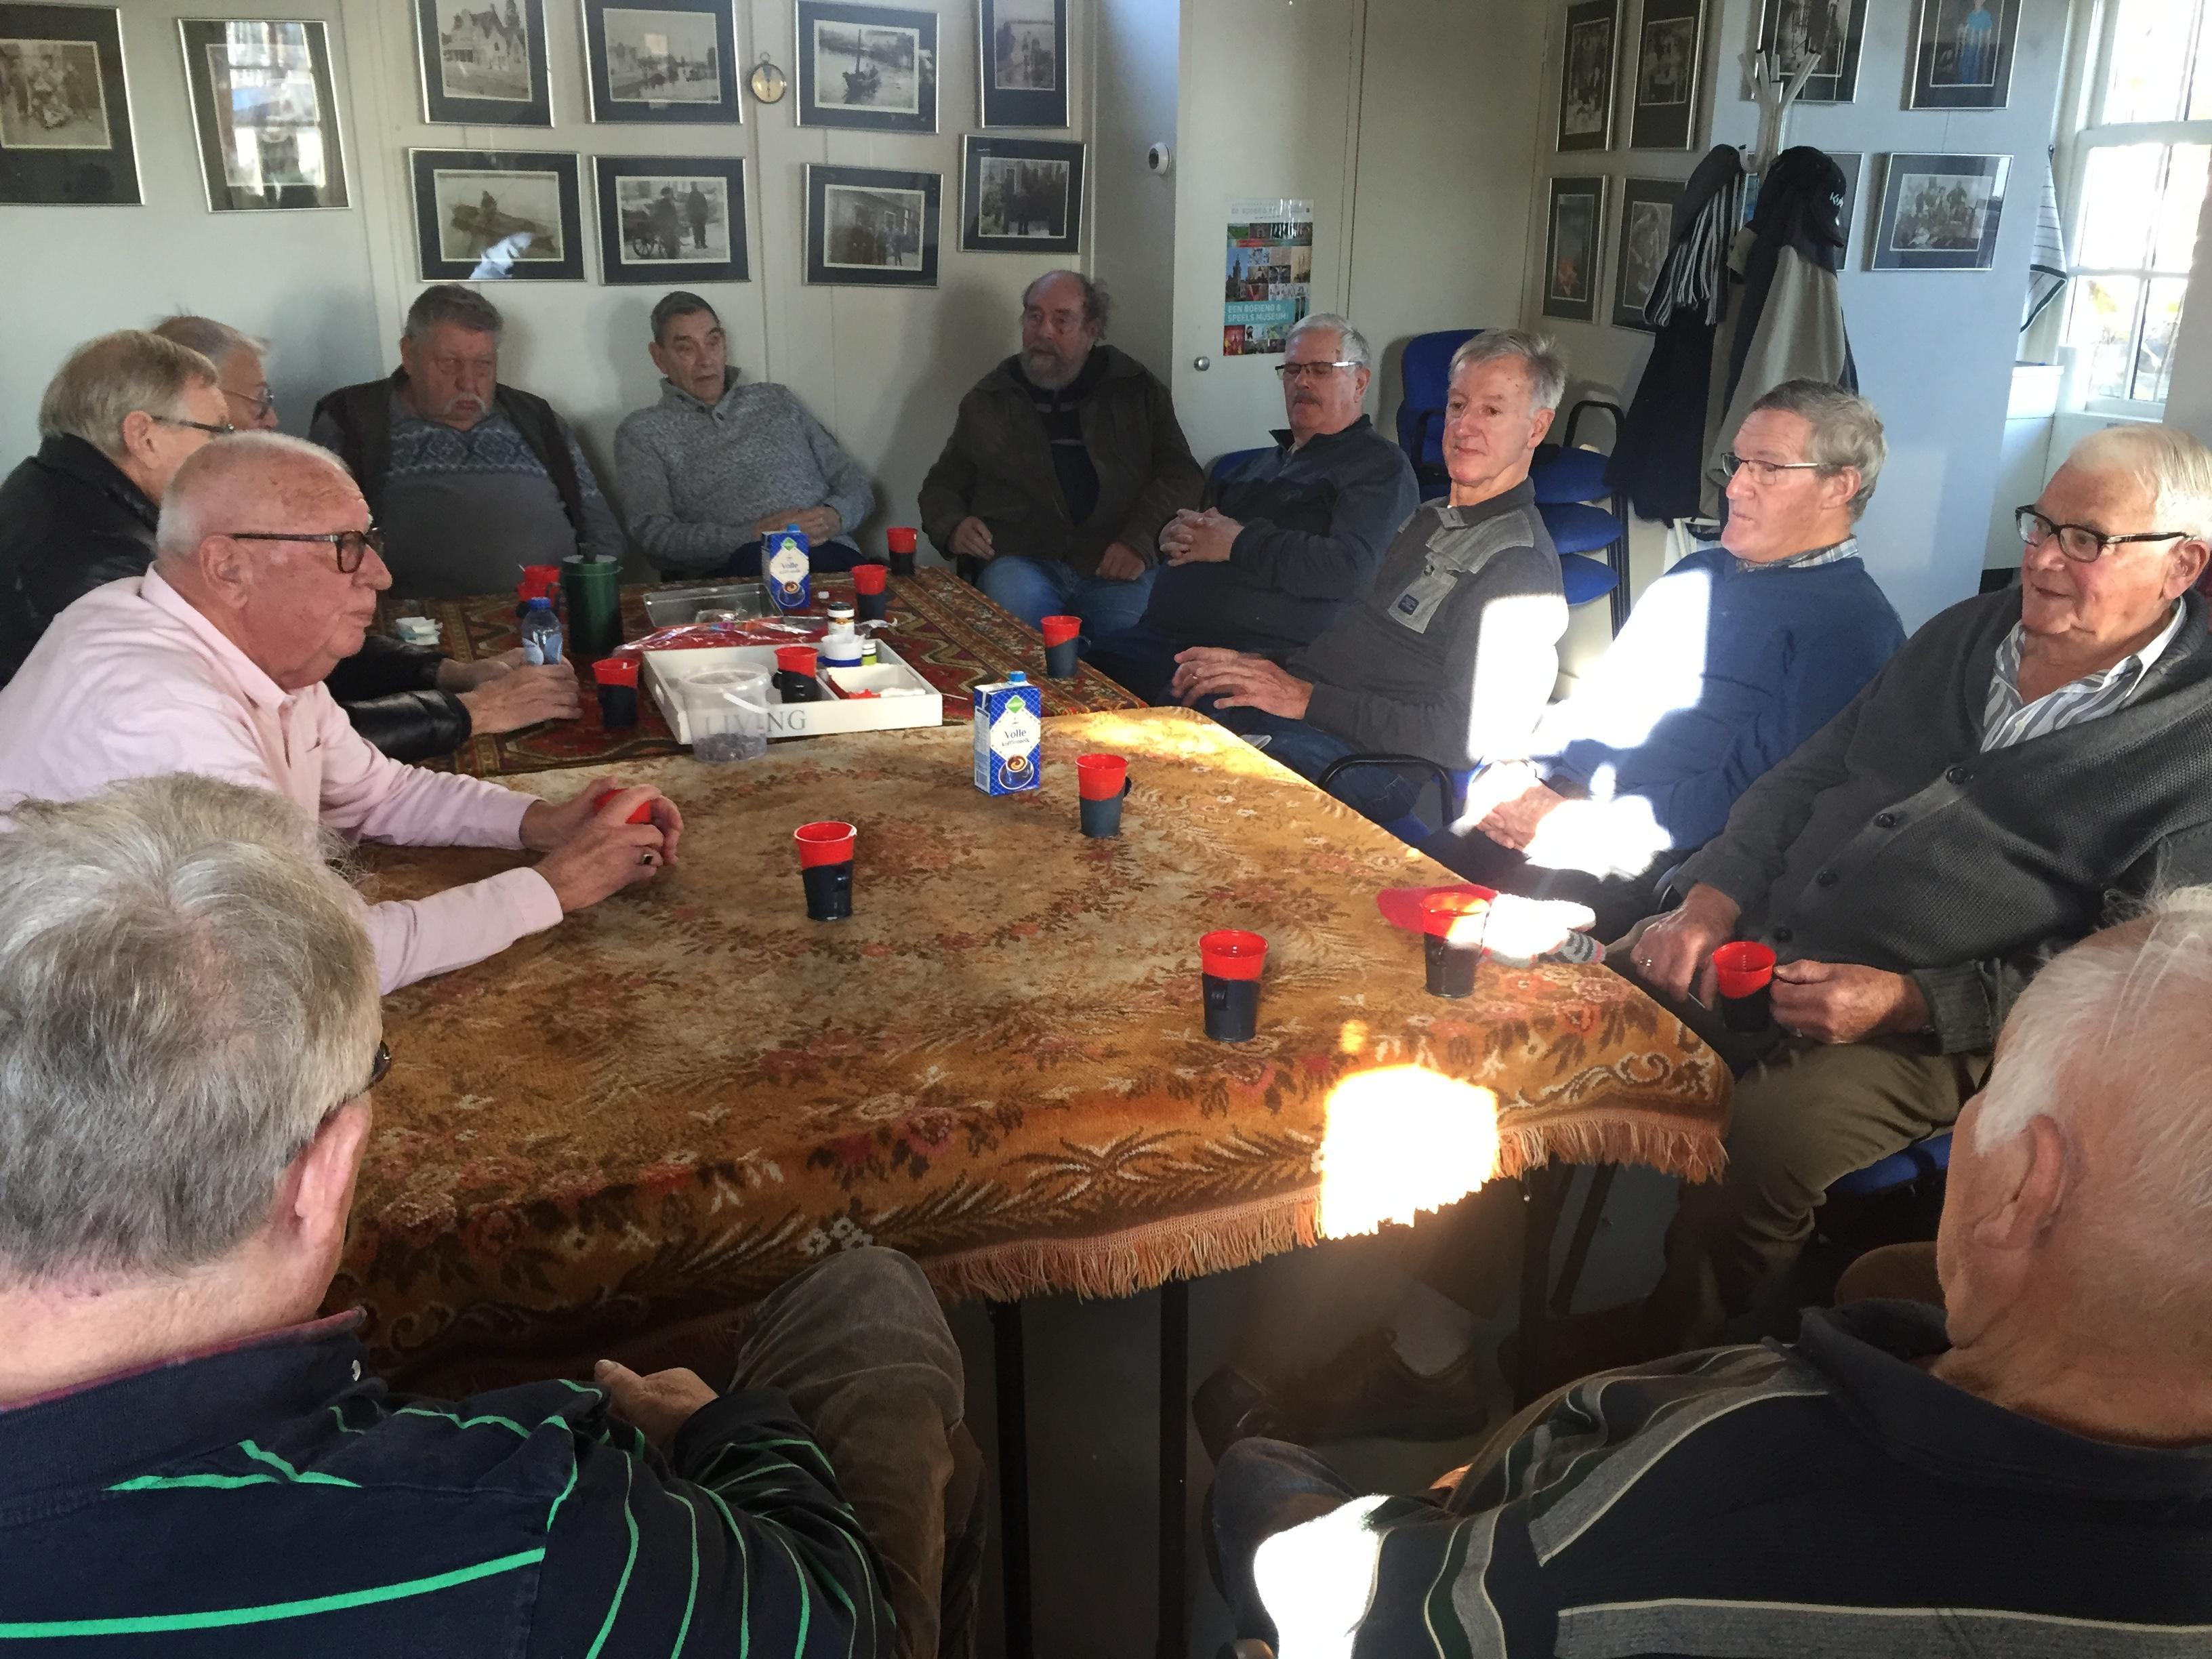 Praathuis 'in rouw' om vertrek burgemeester Waterland: 'Luzette was gewoon top'